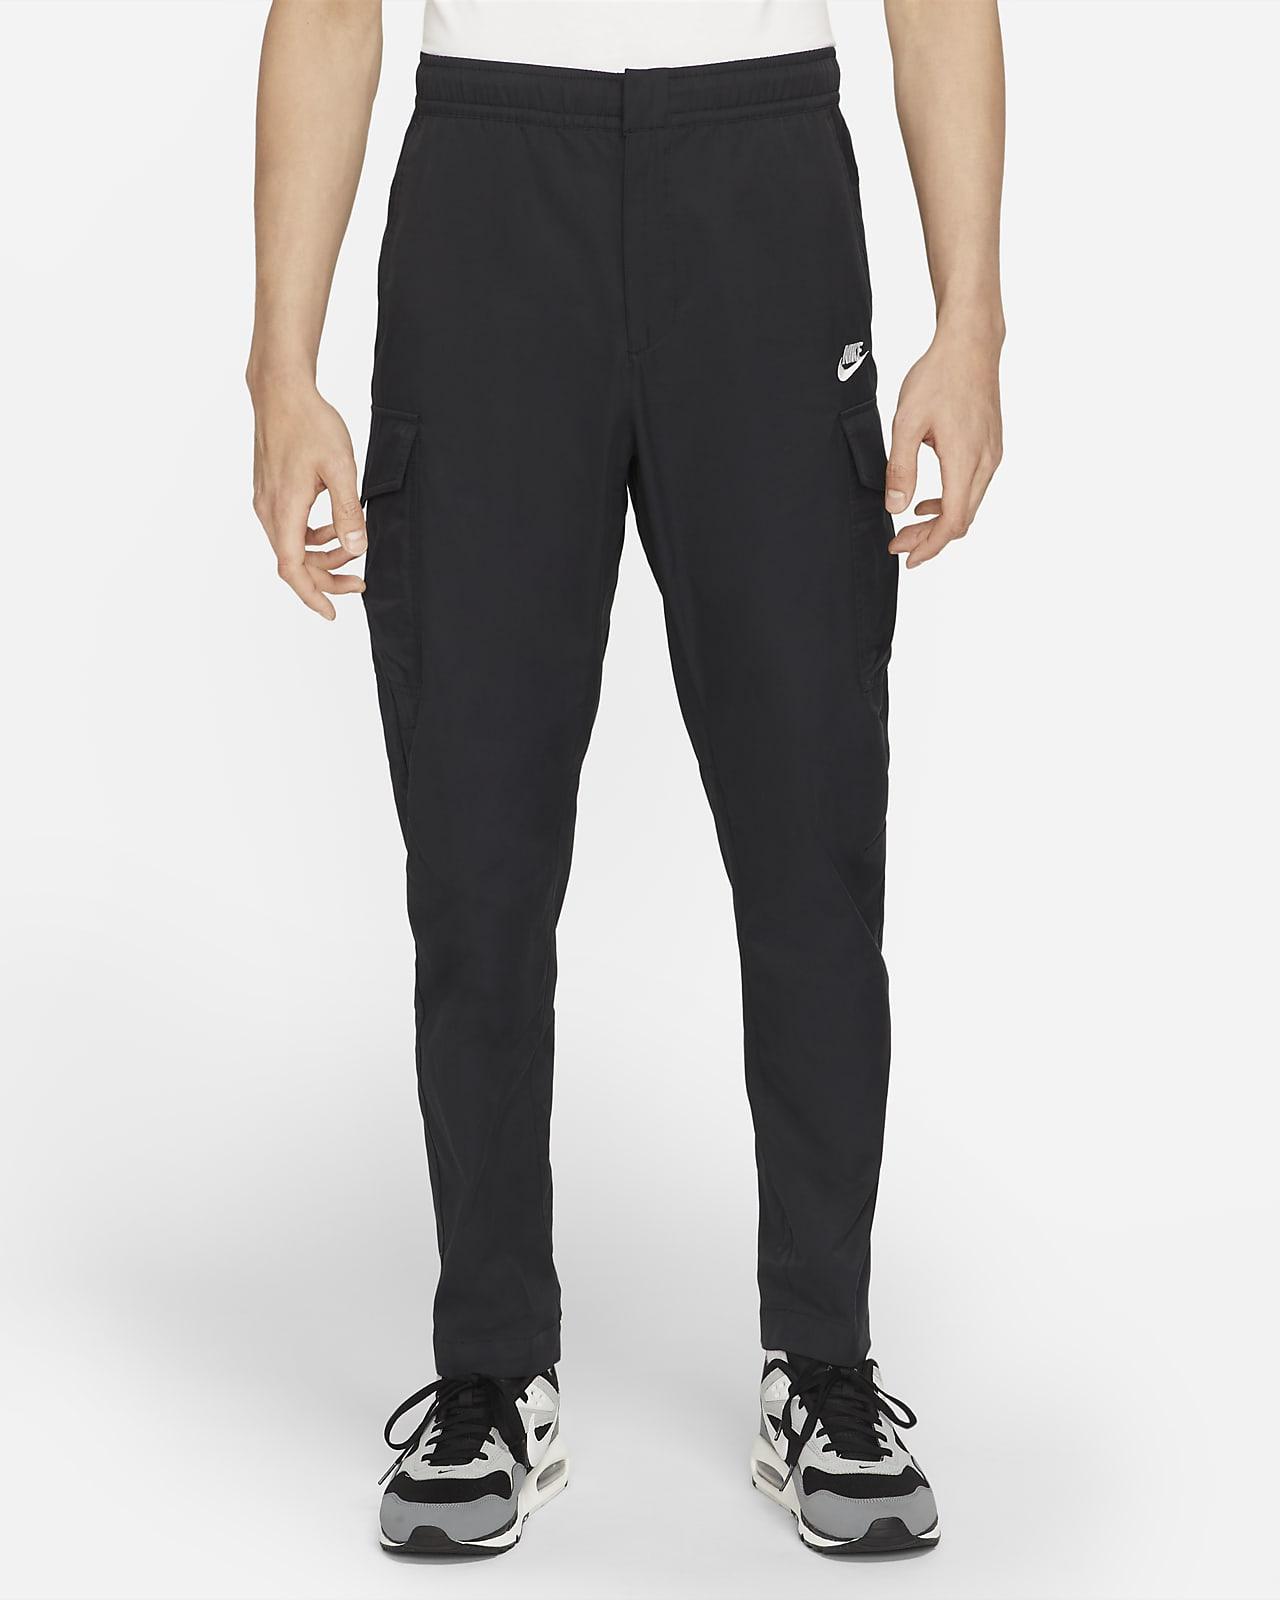 Calças utilitárias tipo cargo sem forro Nike Sportswear para homem